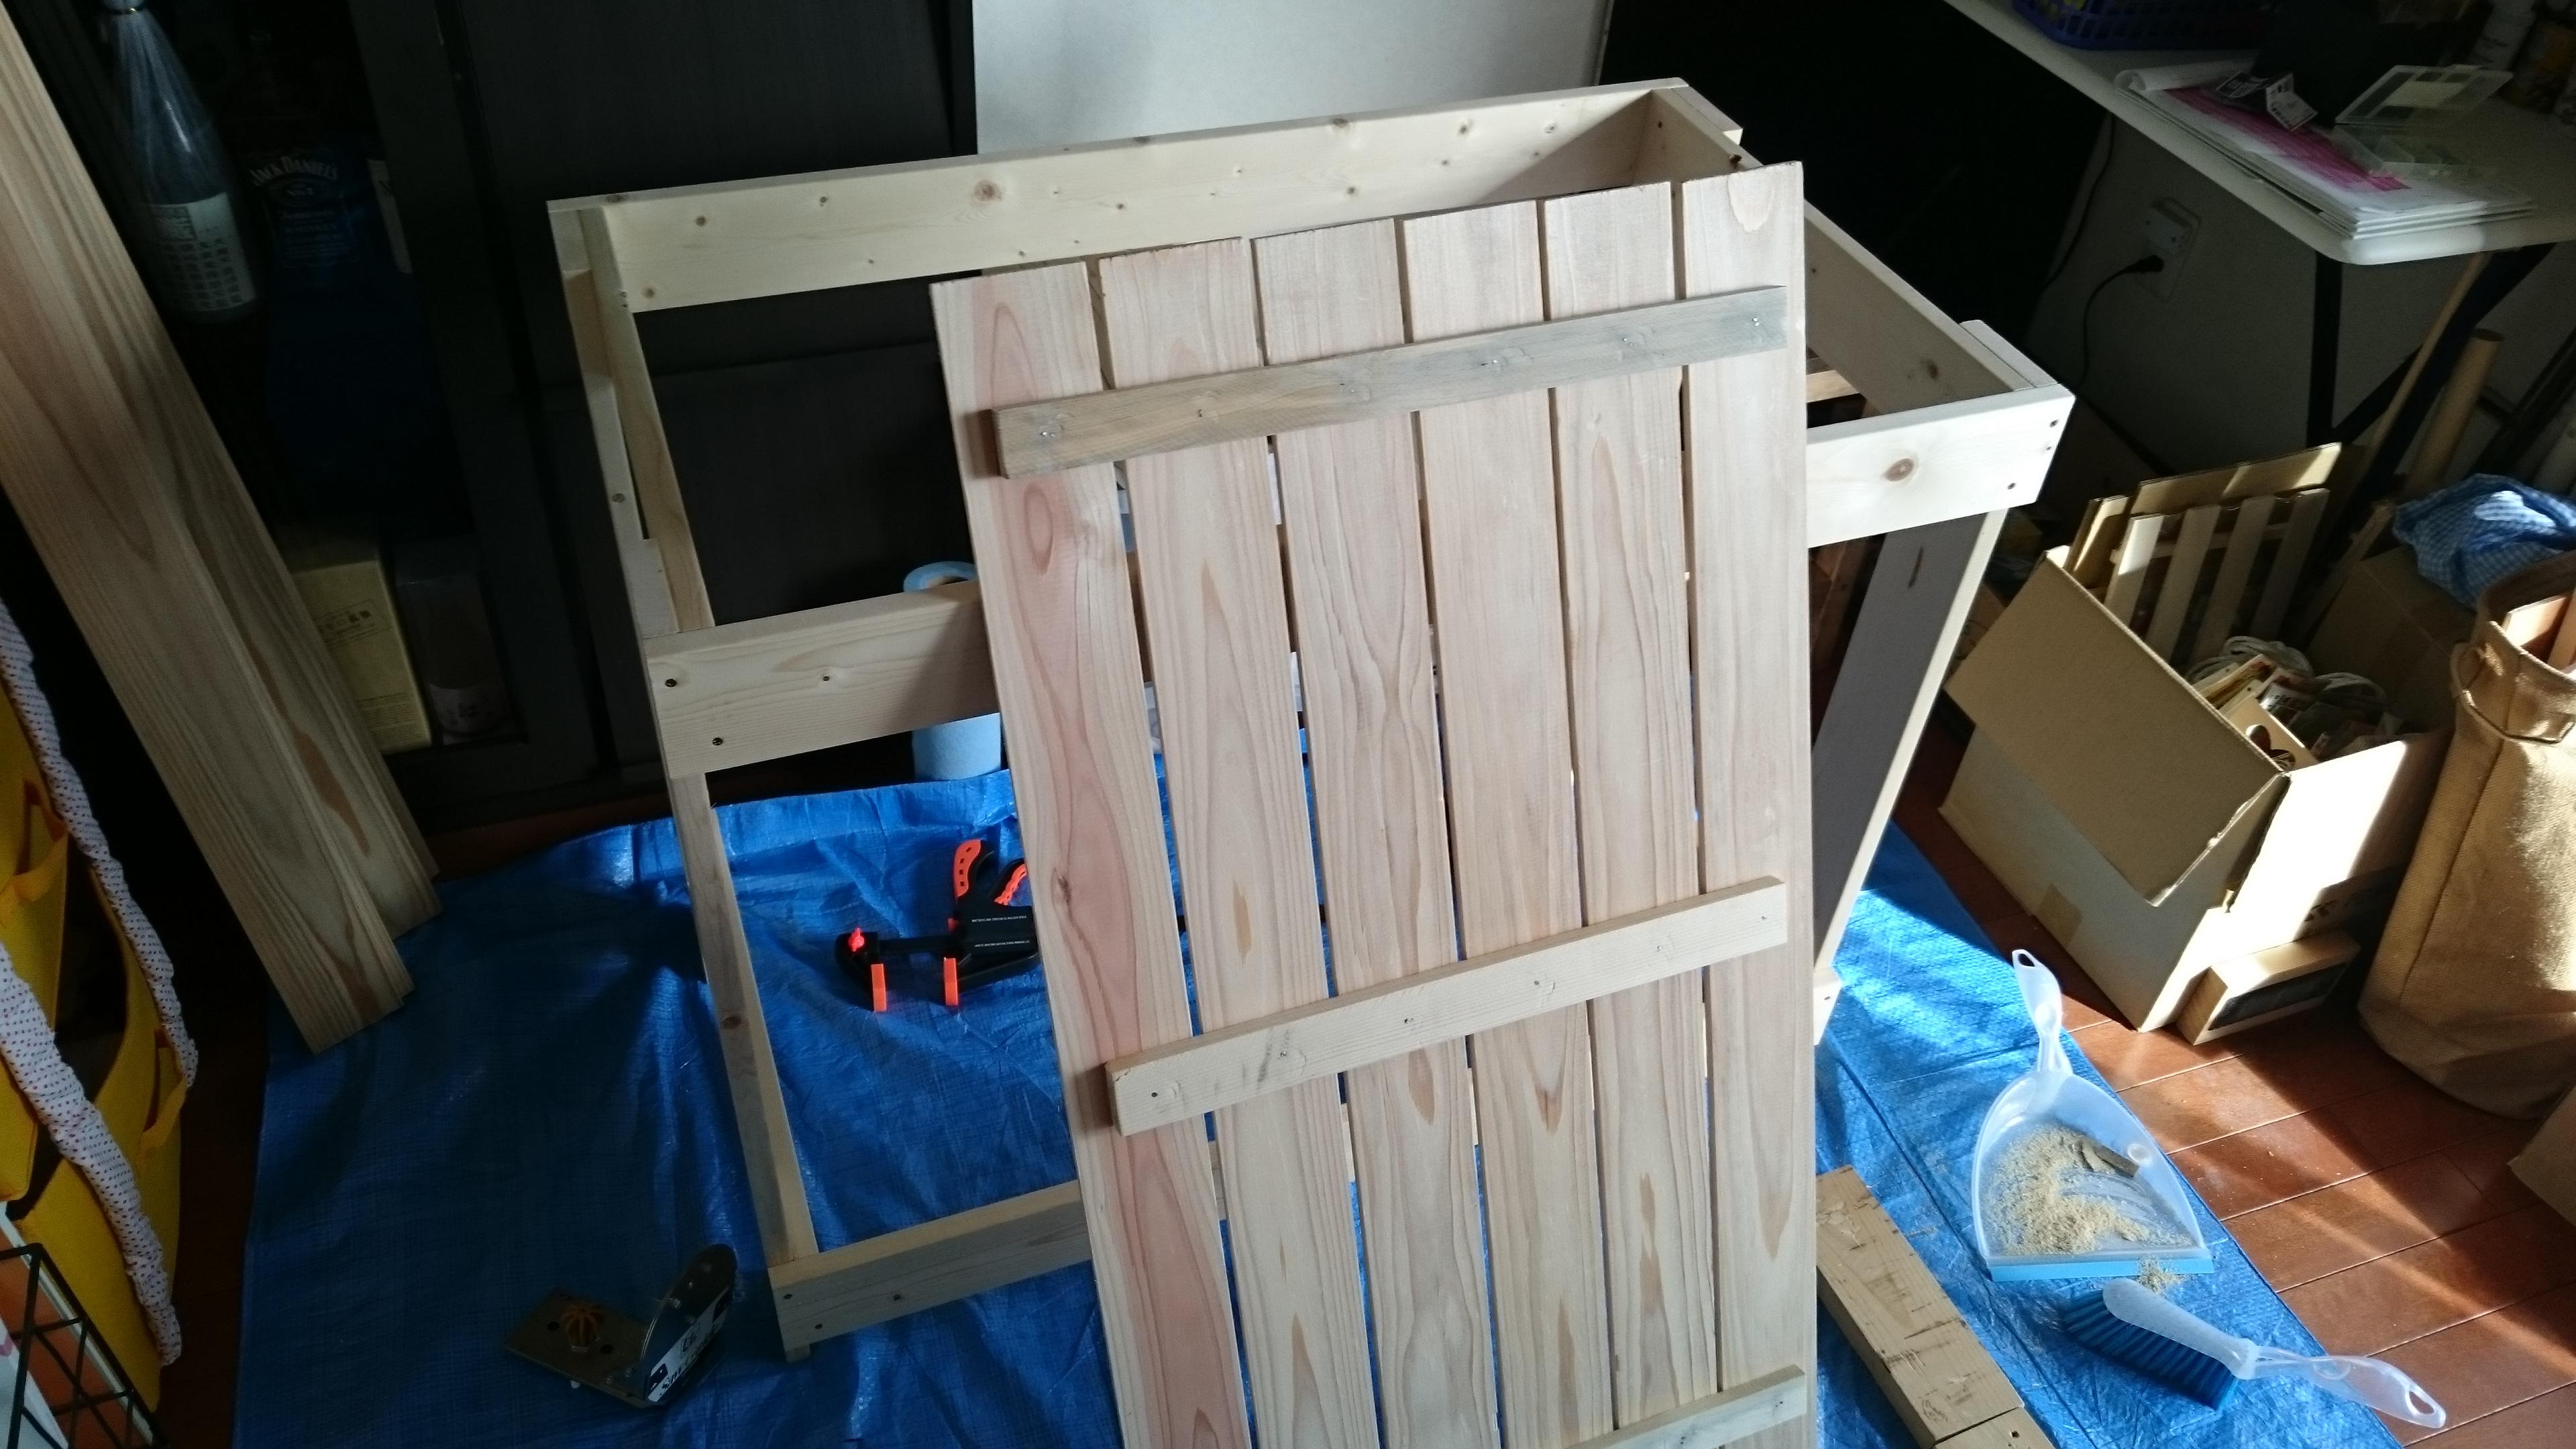 3. 杉のブレナー材ですのこ状の蓋を作ります。 蓋が取り外し可能なので、室外機の掃除やメンテナンスがしやすいと思います♪